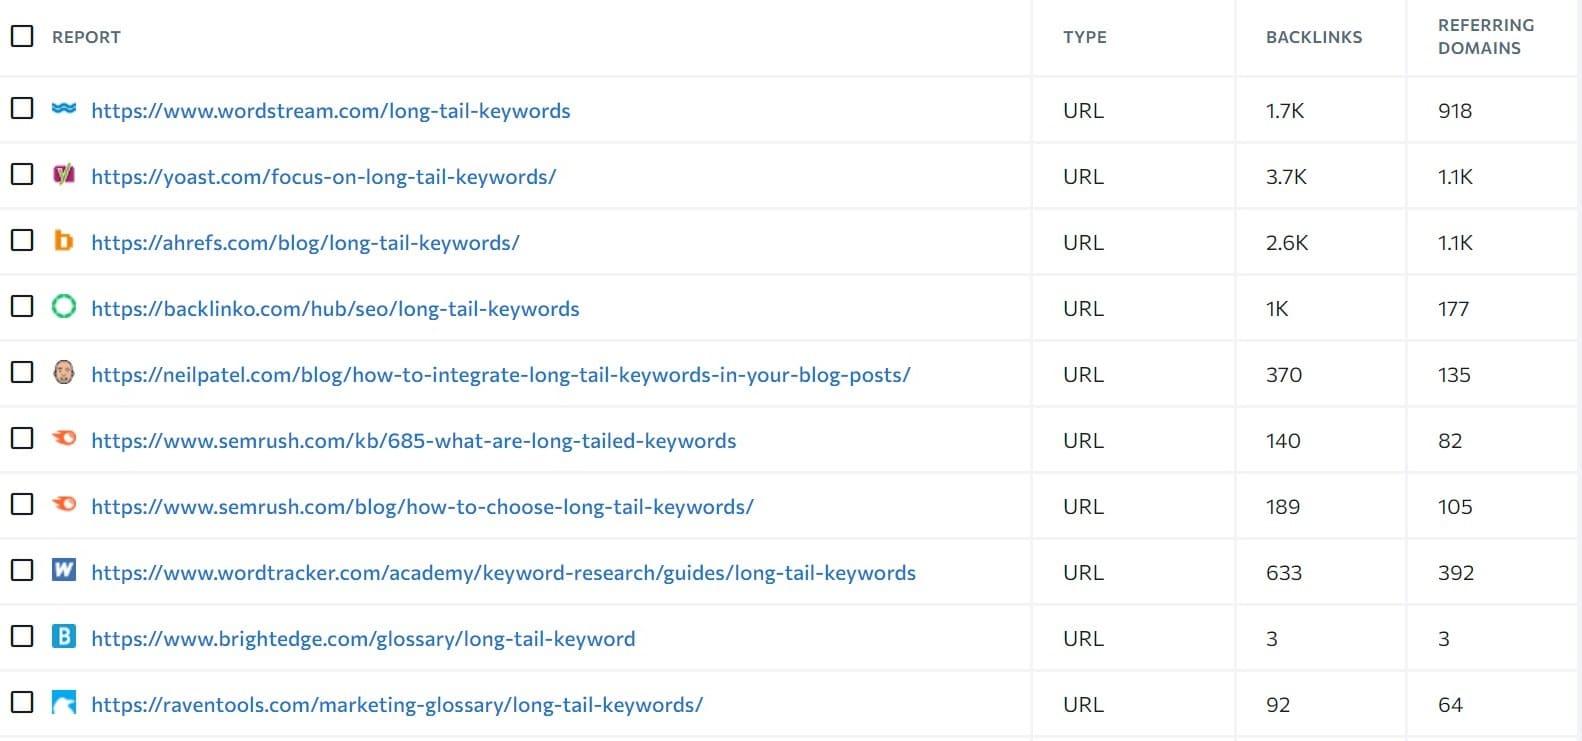 blog posts for tageting keywords for getting backlinks